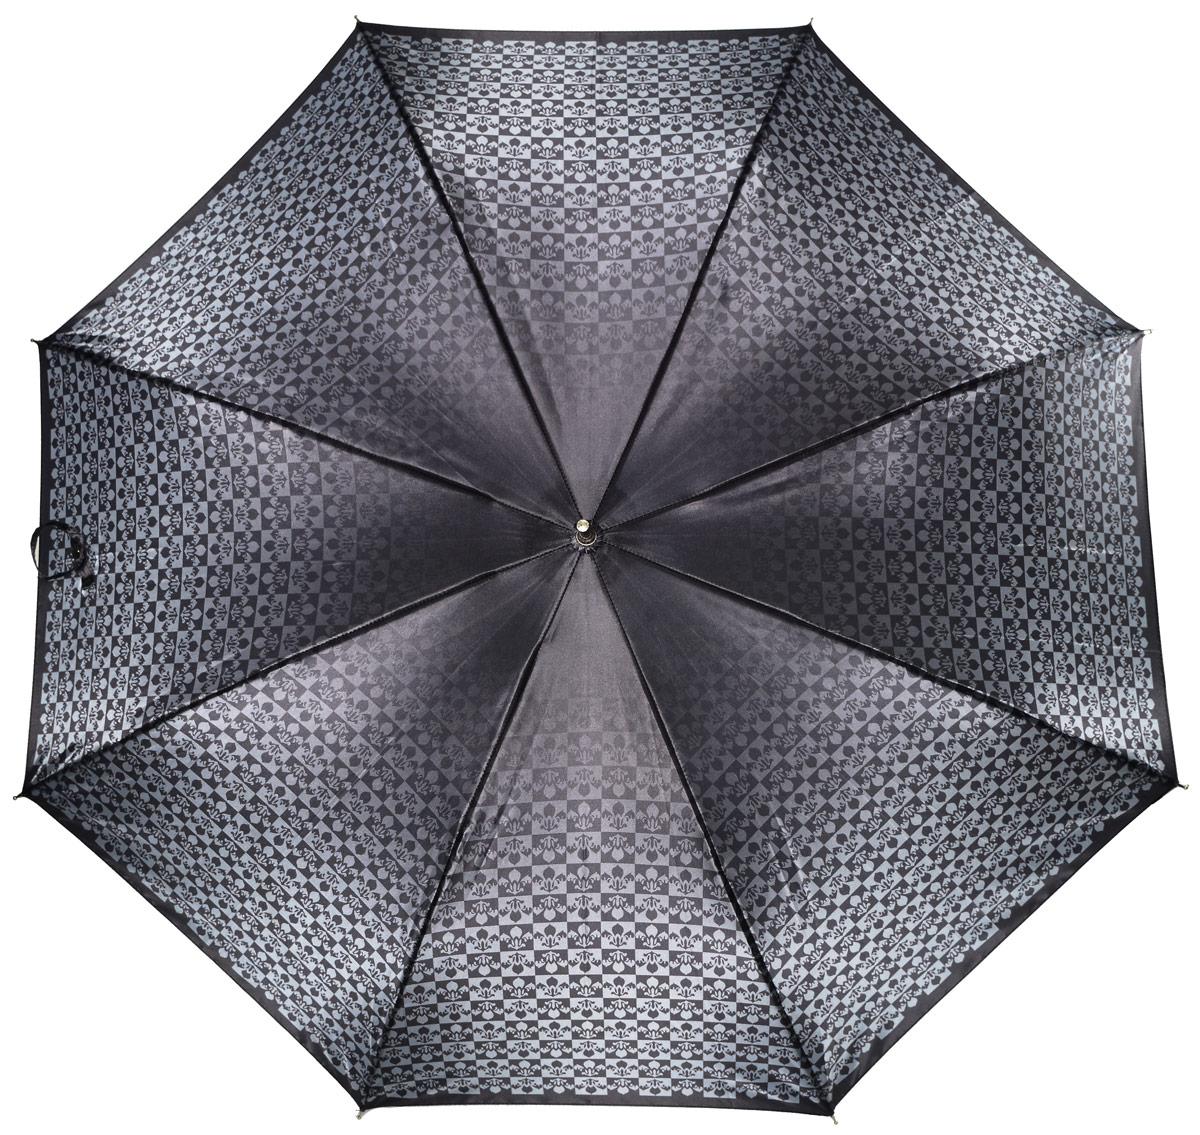 Зонт женский Henry Backer, цвет: серый. U11203 Black lily45100032/35449/3537AЖенский зонт-трость «Черная лилия» с сатиновым куполом, черный, автомат У рукояти изящная и удобная форма, ветроустойчивый каркас выполнен из стали и фибергласса.